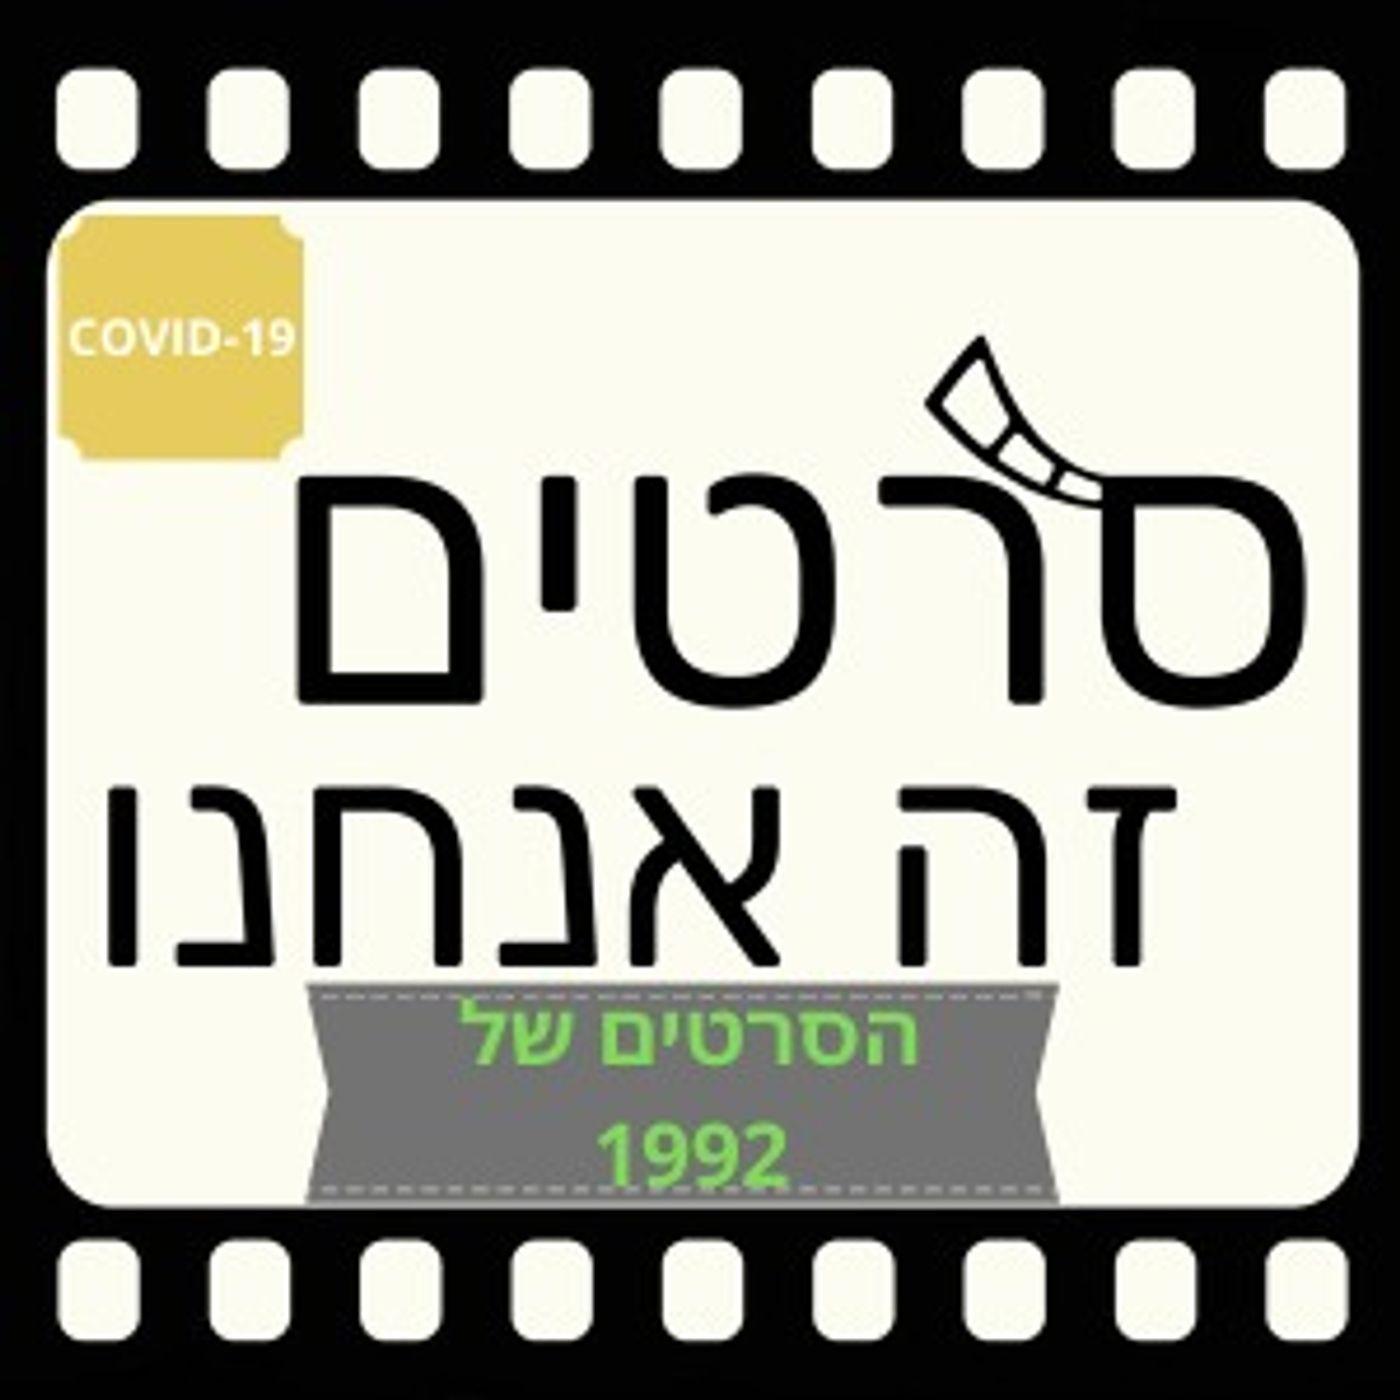 מדברים על הסרטים של 1992 (ספיישל קורונה 12)